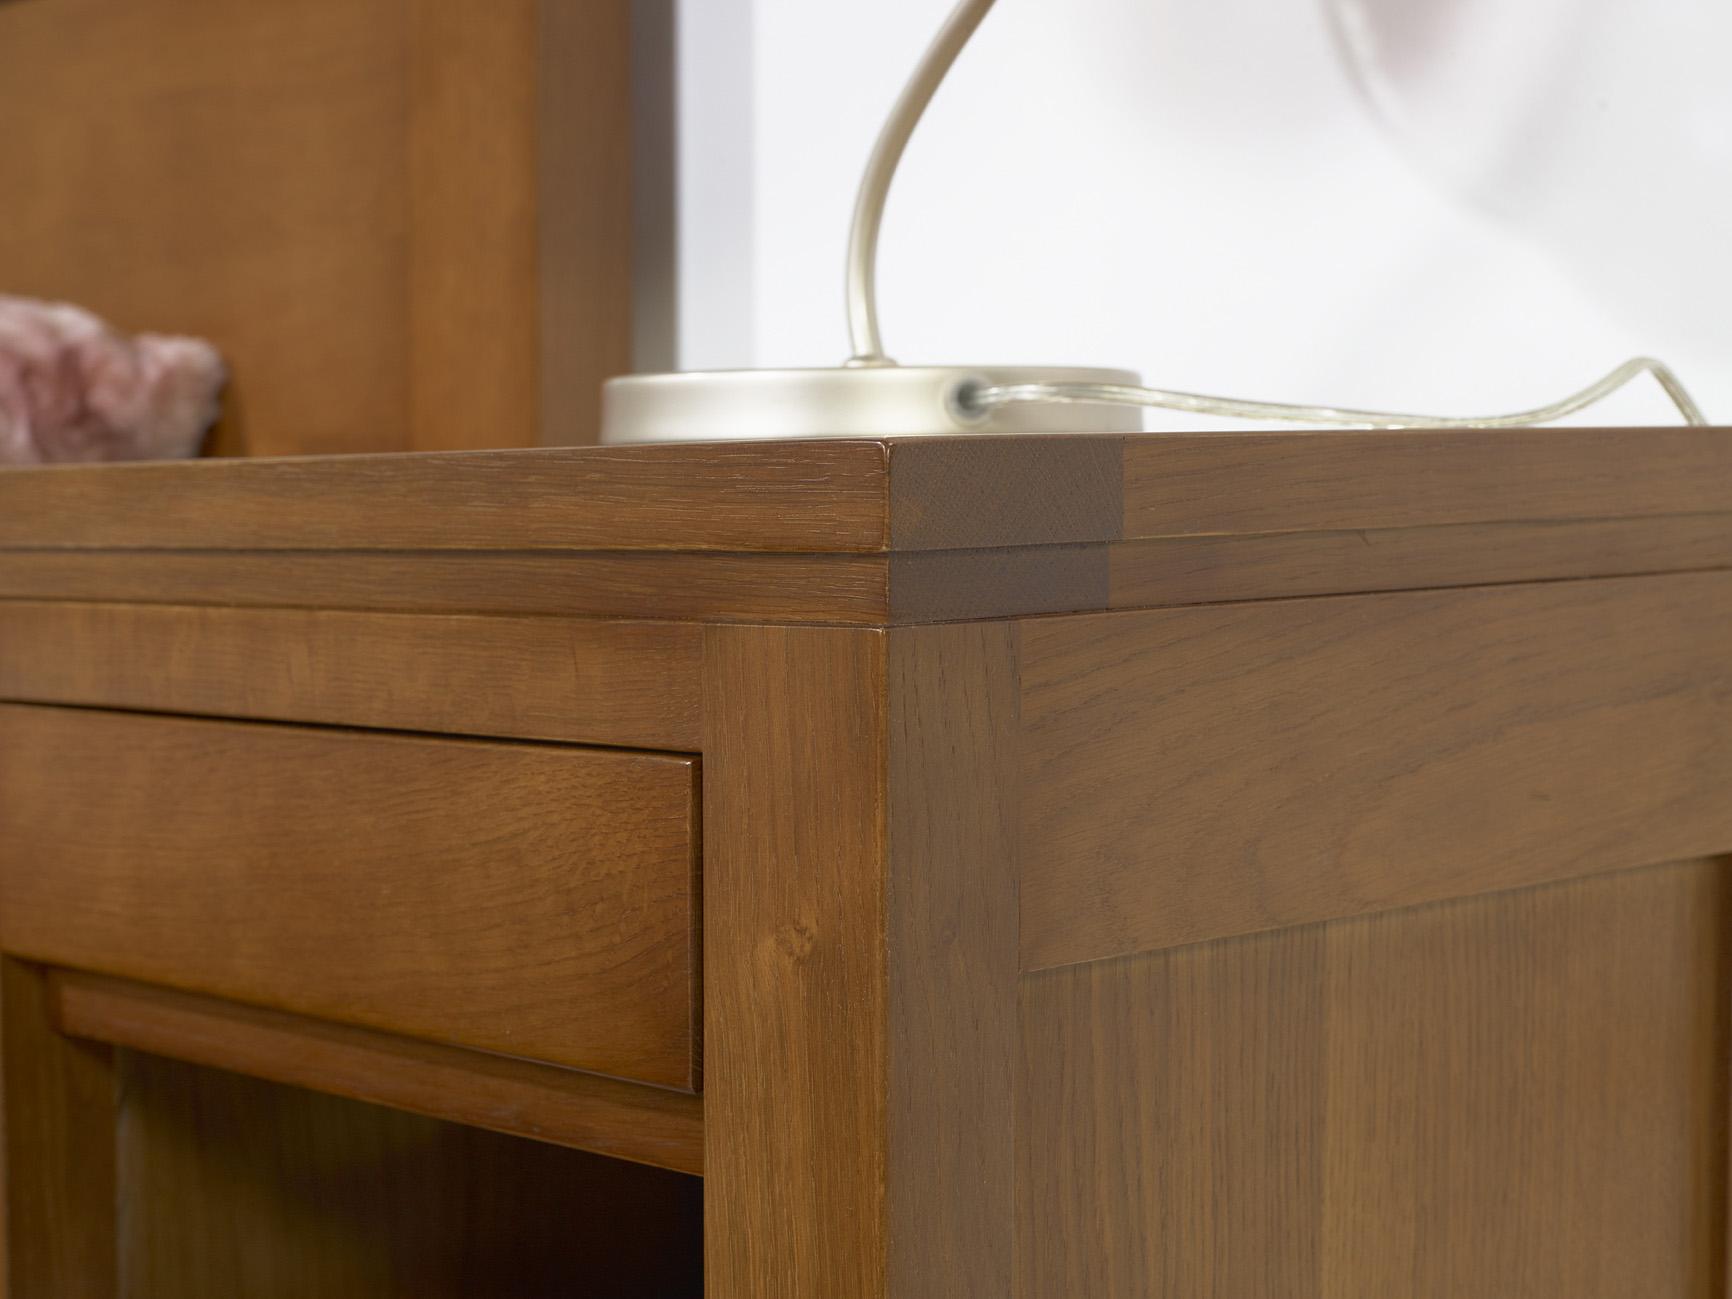 mode 3 tiroirs en Chªne Massif de style Contemporain meuble en